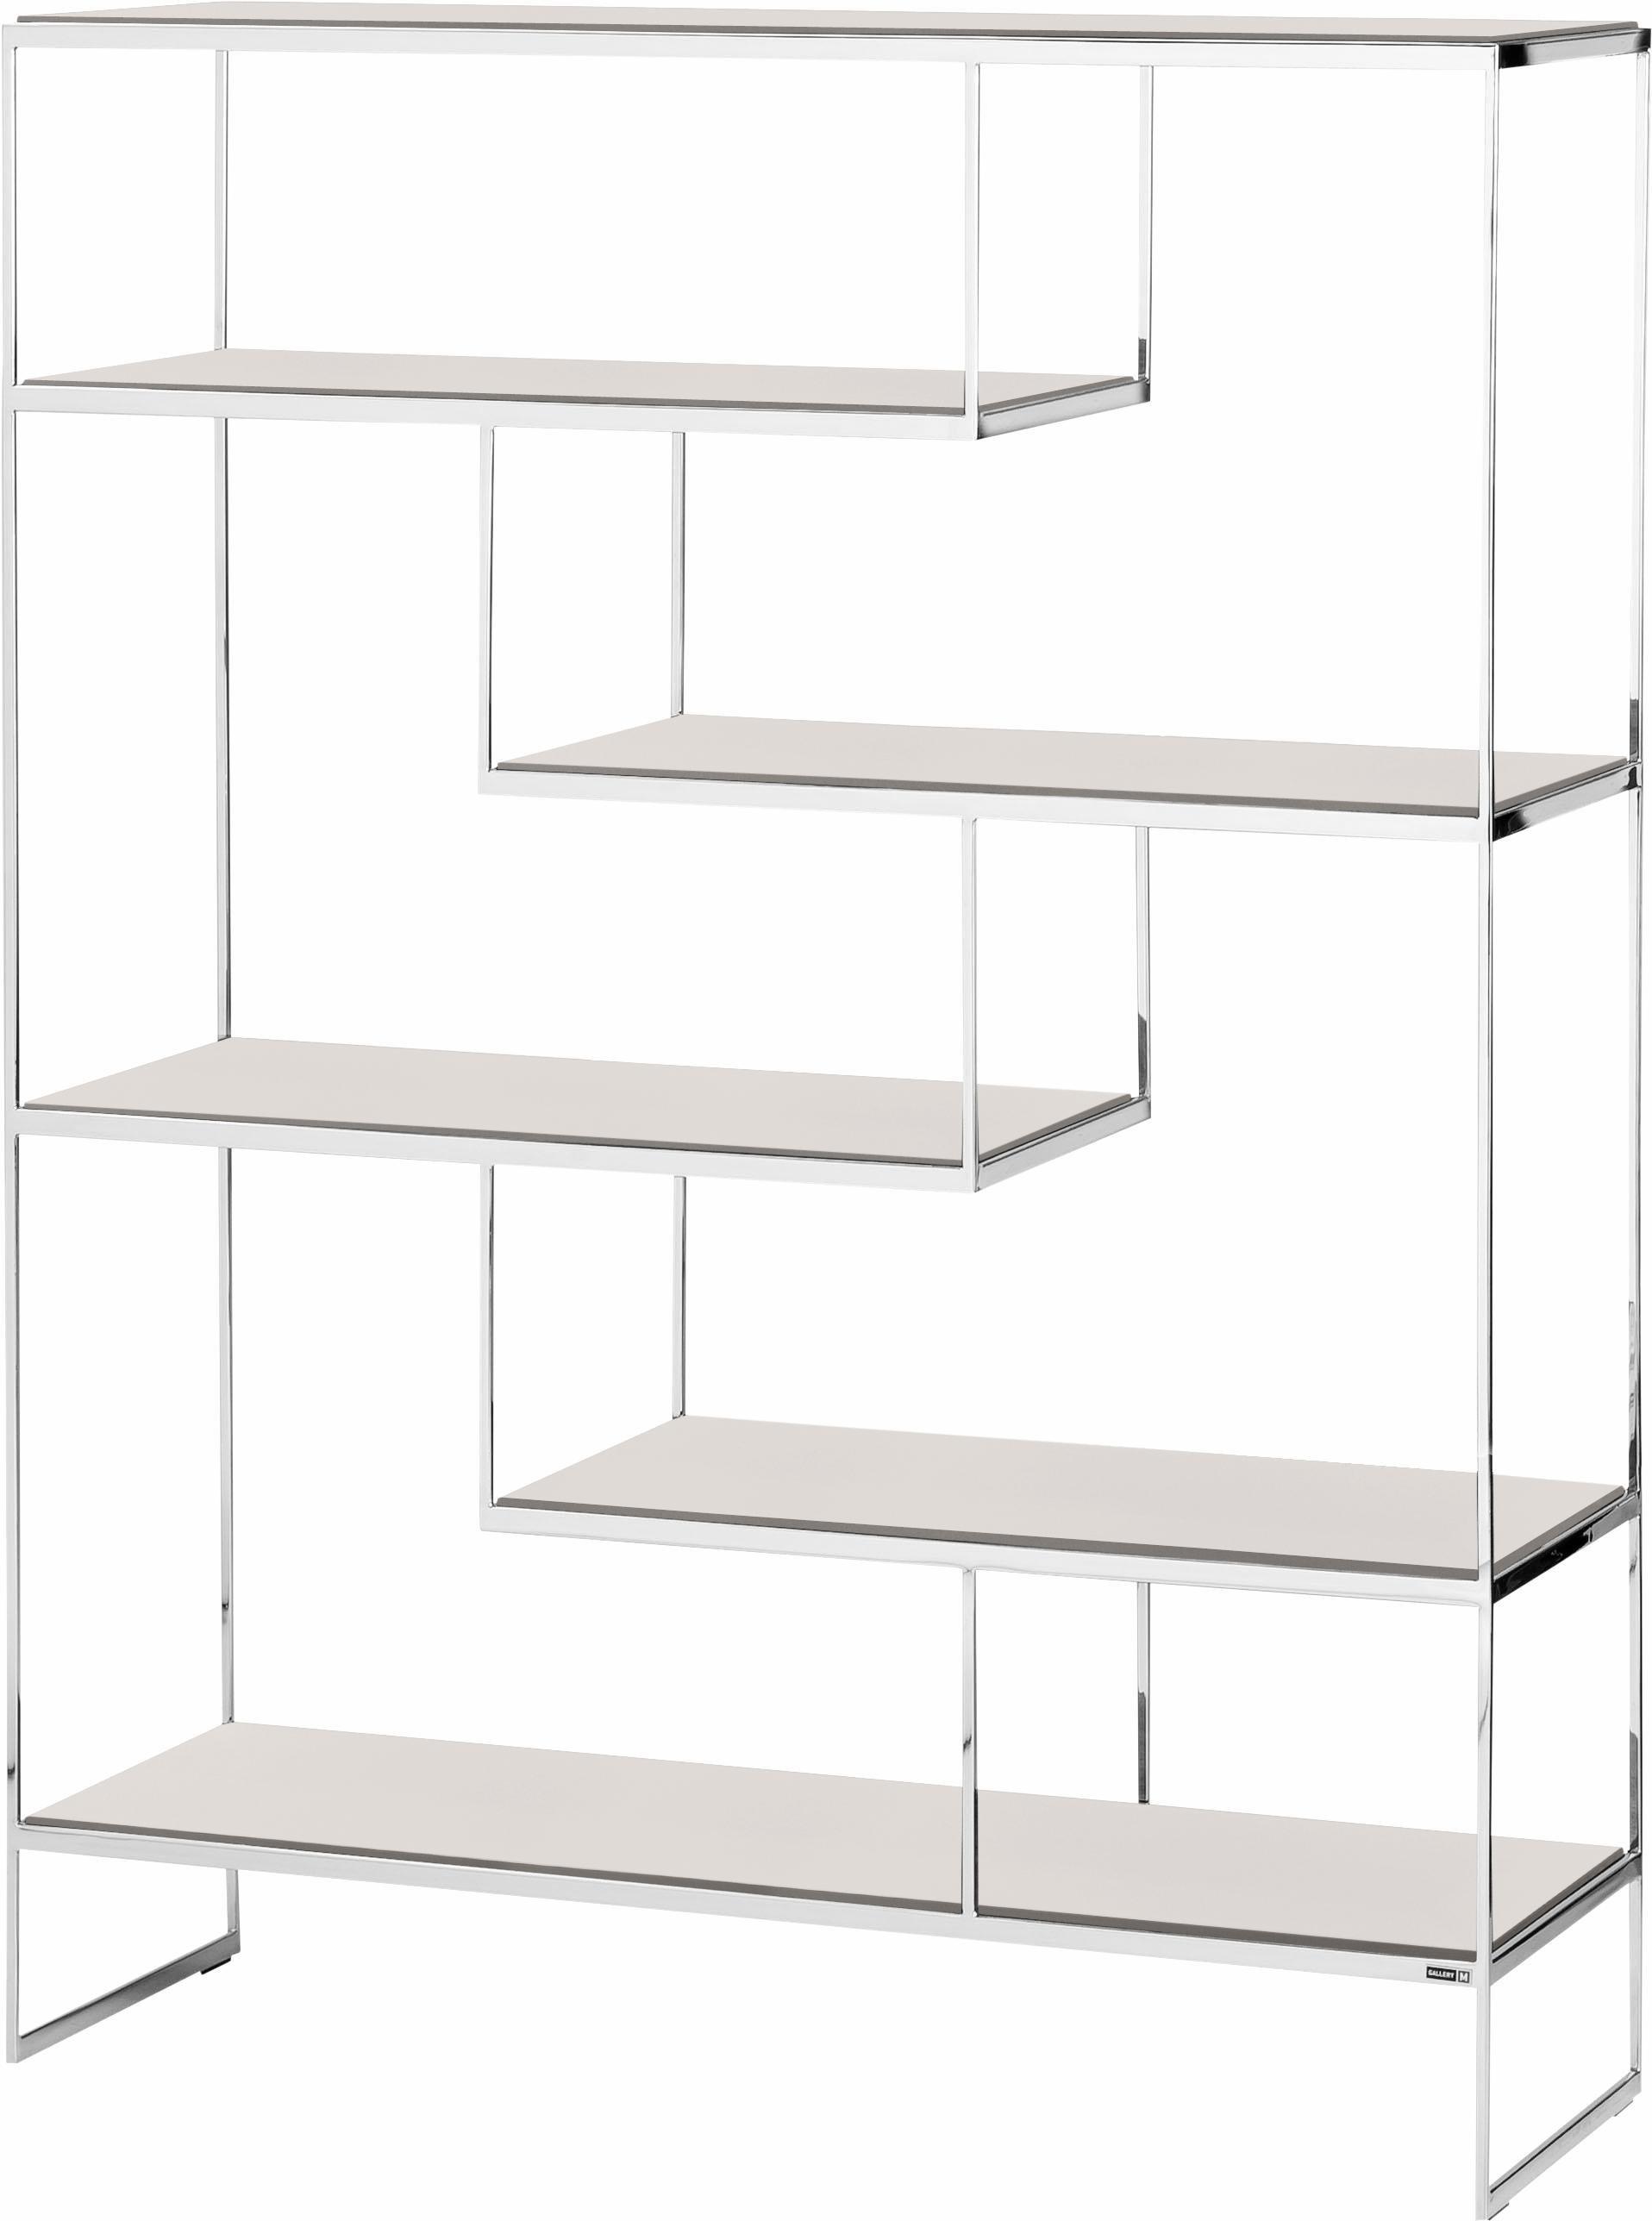 GALLERY M Raumteiler »Toscana« T 1508 mit Einlegeböden in zwei Größen | Wohnzimmer > Regale > Raumteiler | Holz - Lack - Wildeiche - Nussbaum | Gallery M